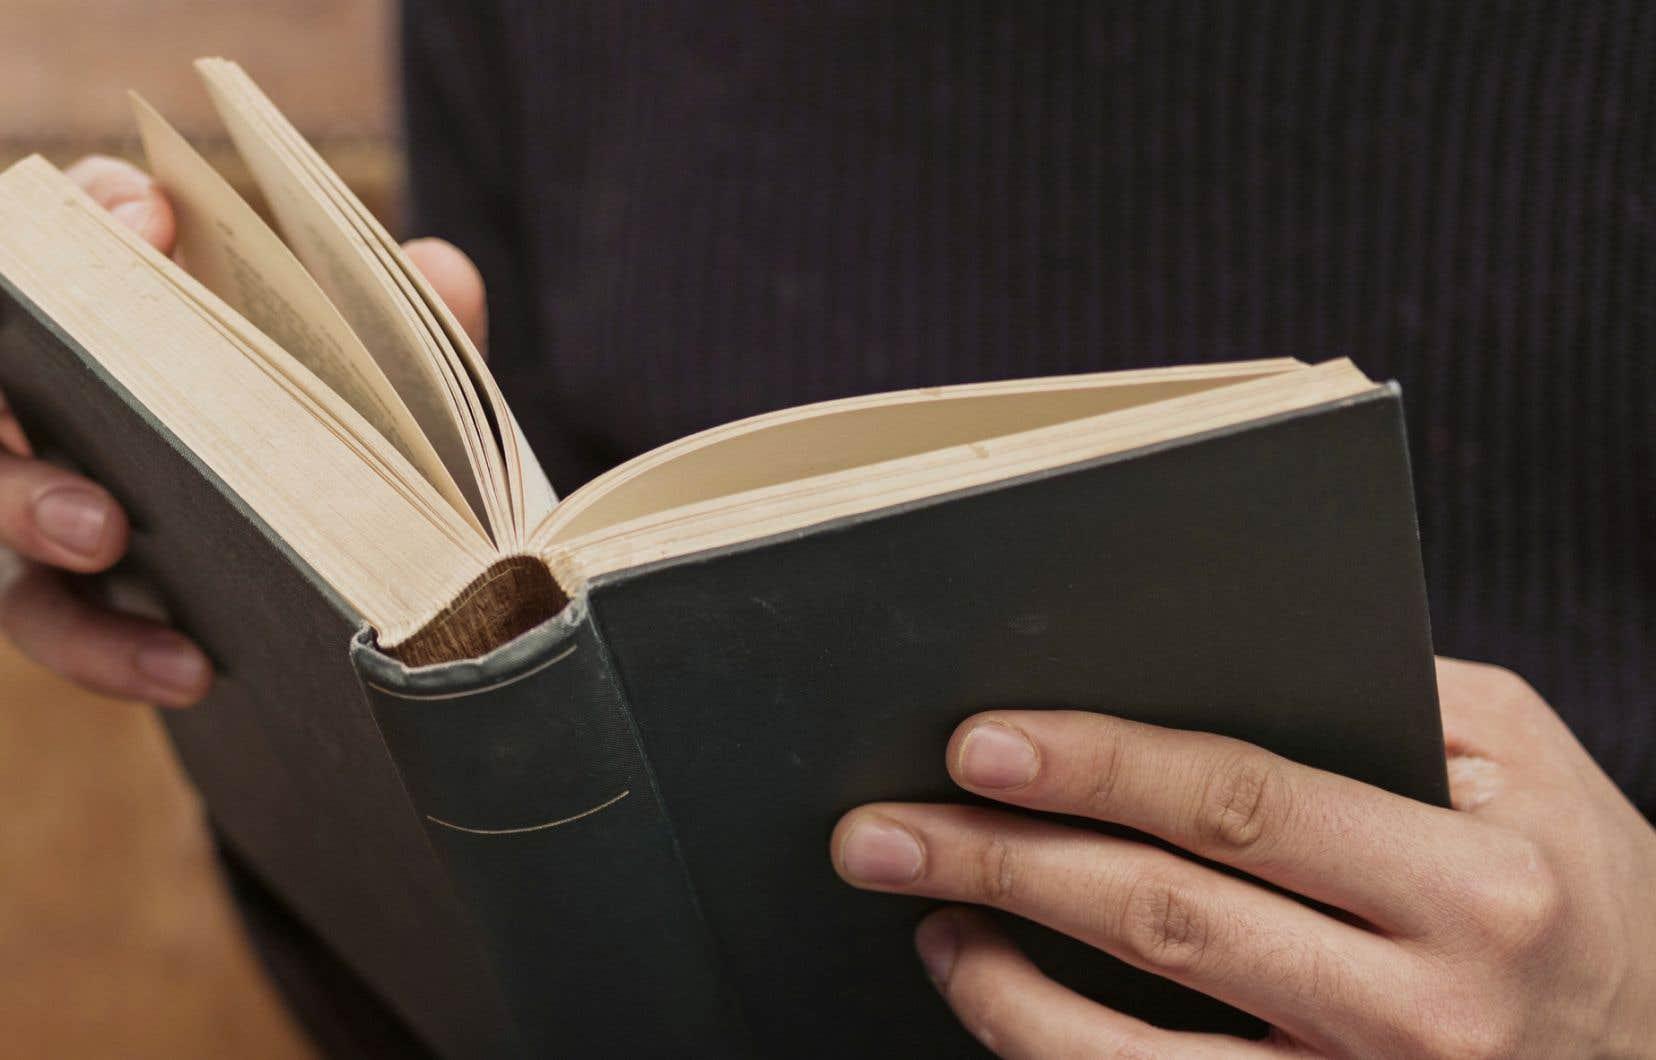 Rares sont les auteures ayant la délicatesse de s'agenouiller devant un mystère, plutôt que de vainement tenter de l'épingler en trop de mots.